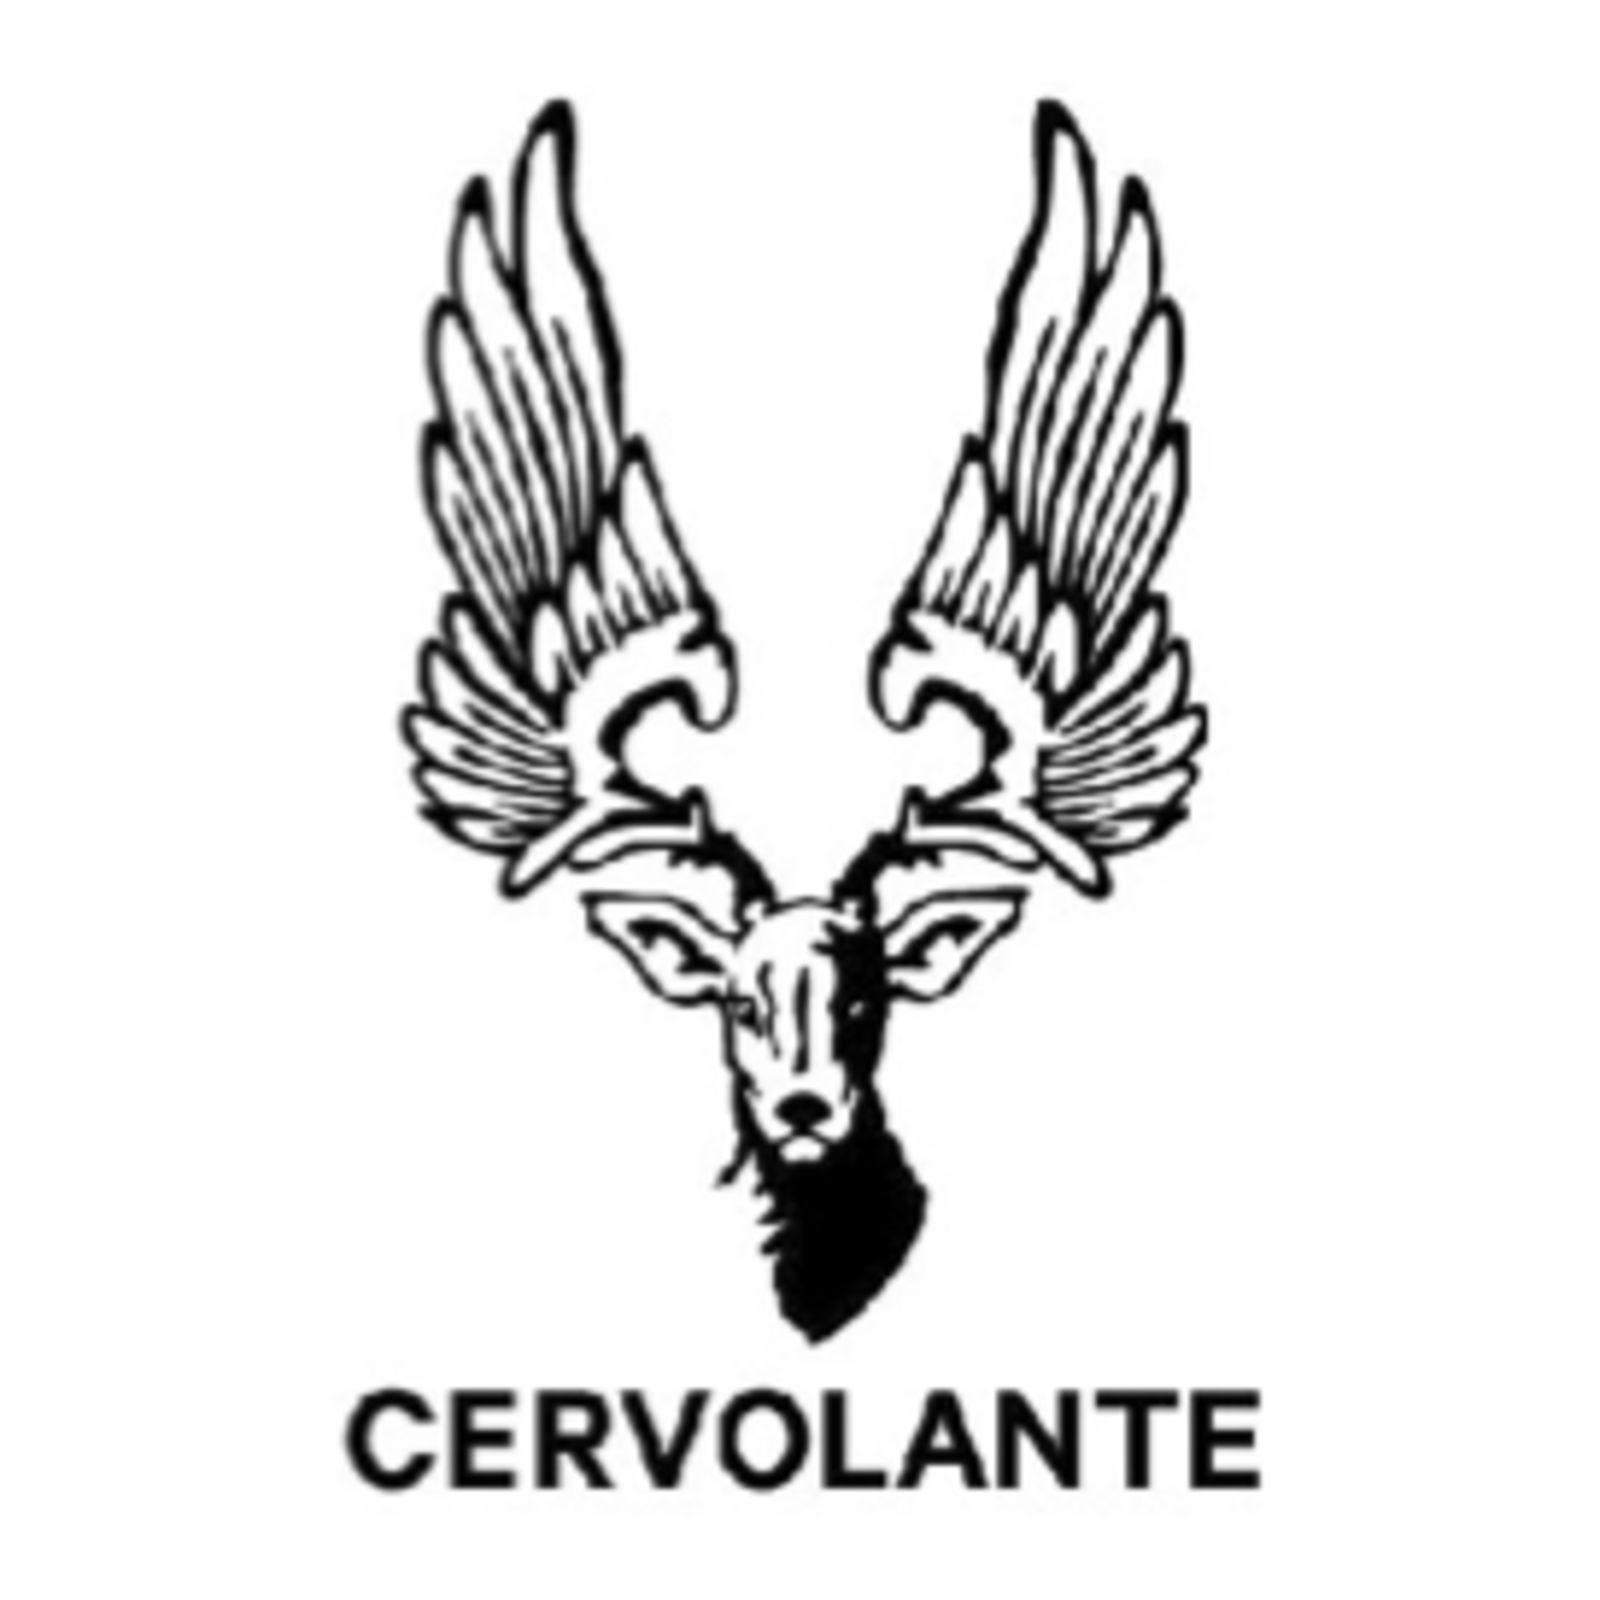 CERVOLANTE (Bild 1)